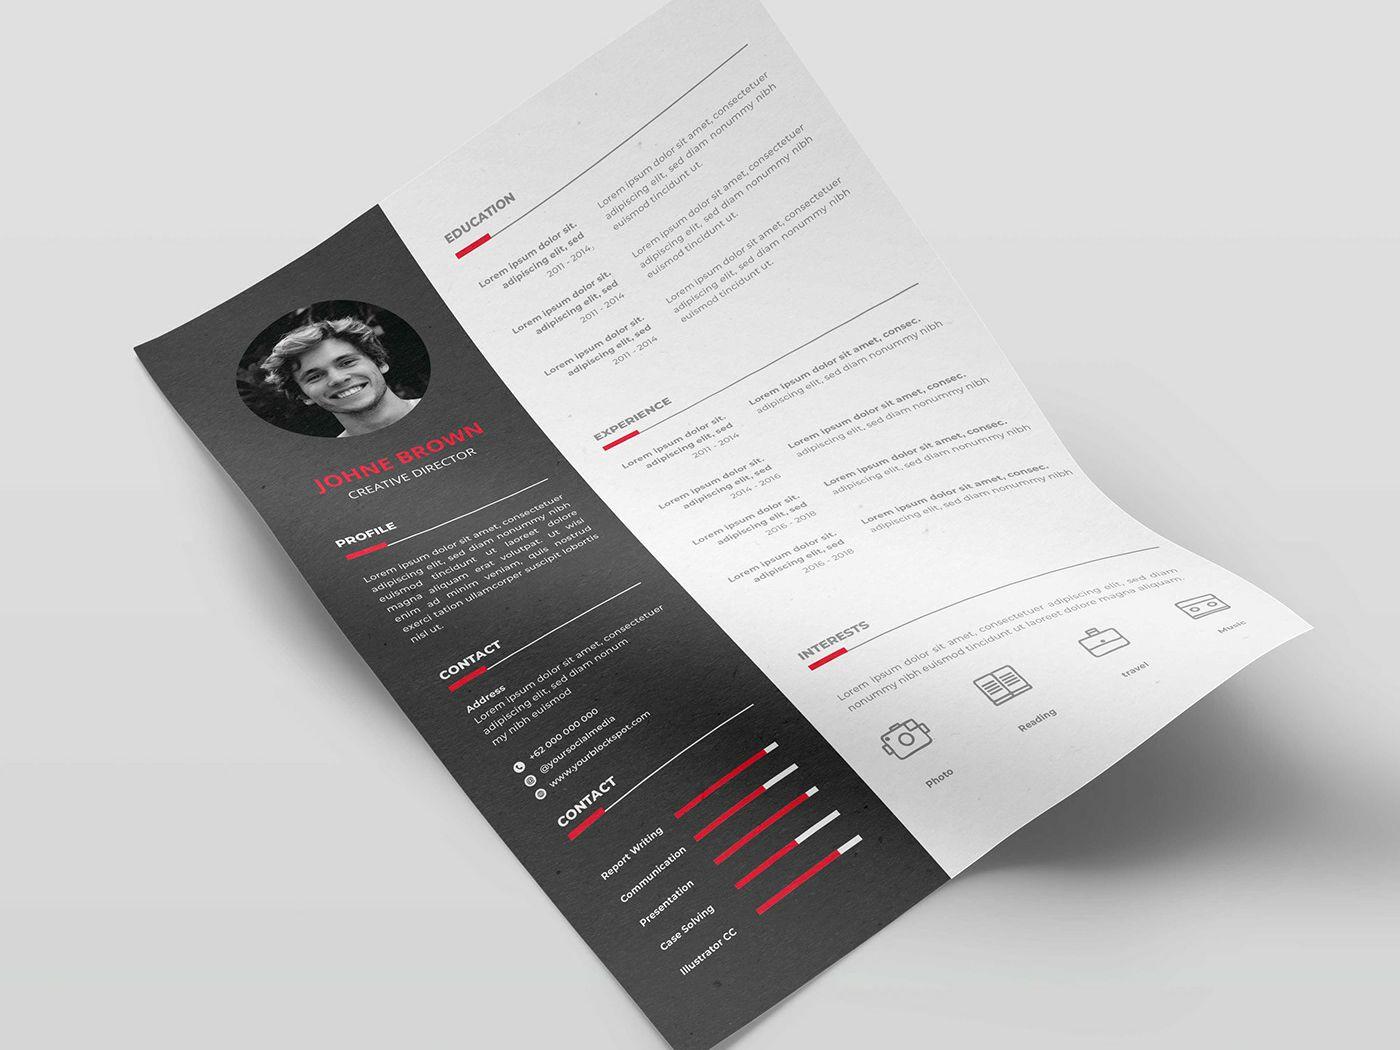 Free Vector Curriculum Vitae Template Curriculum vitae